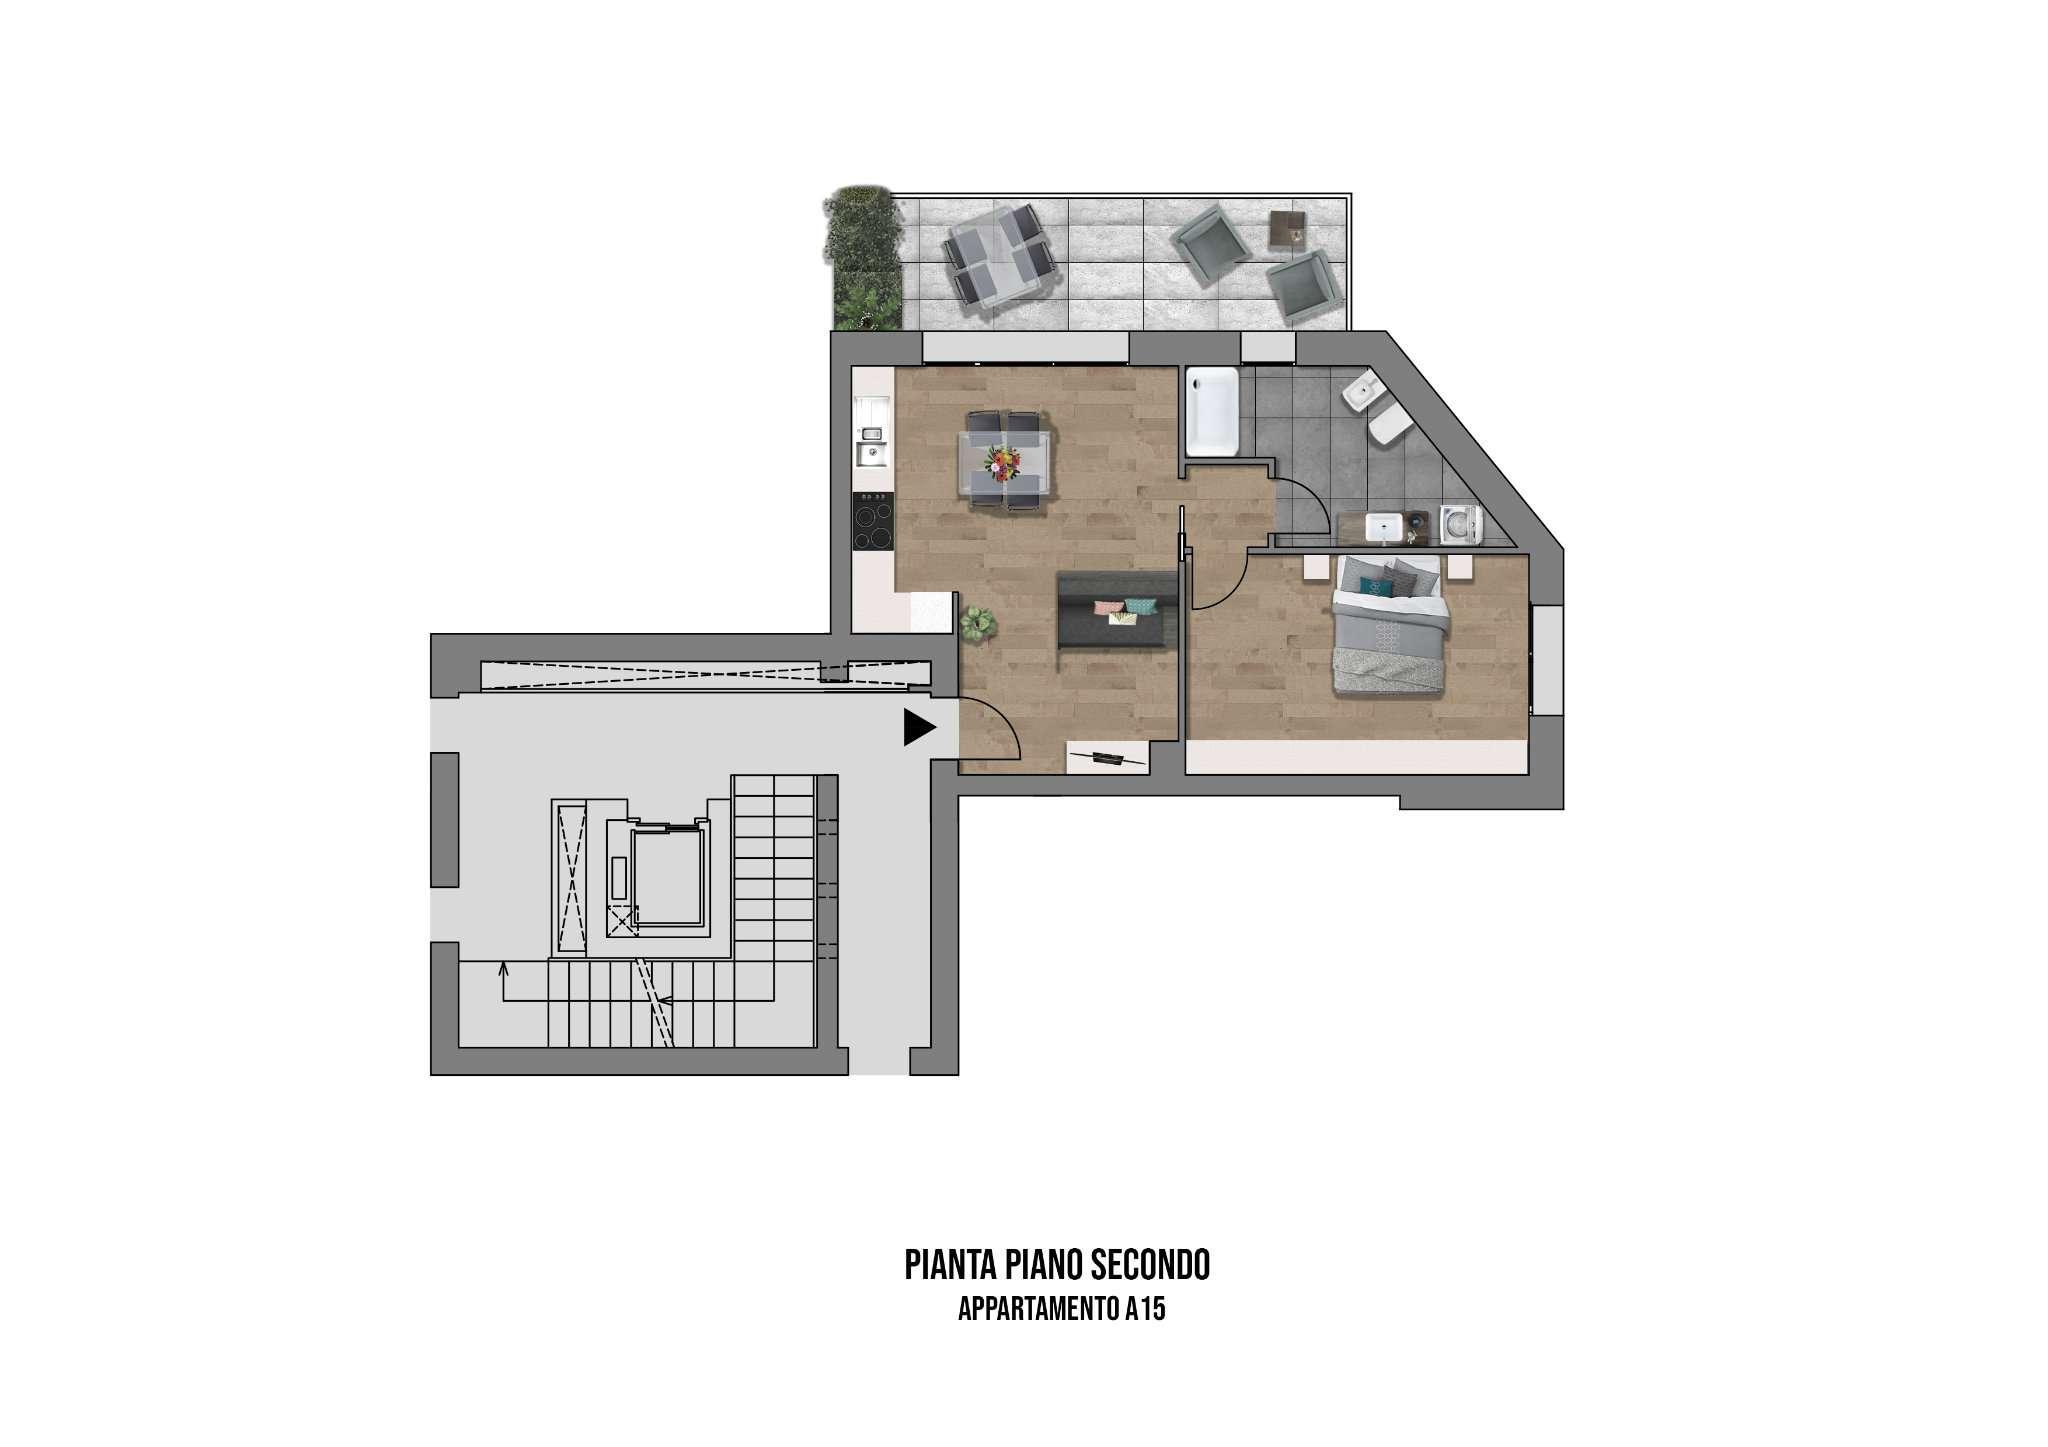 Appartamento in vendita a Casalecchio di Reno, 2 locali, prezzo € 255.000 | PortaleAgenzieImmobiliari.it